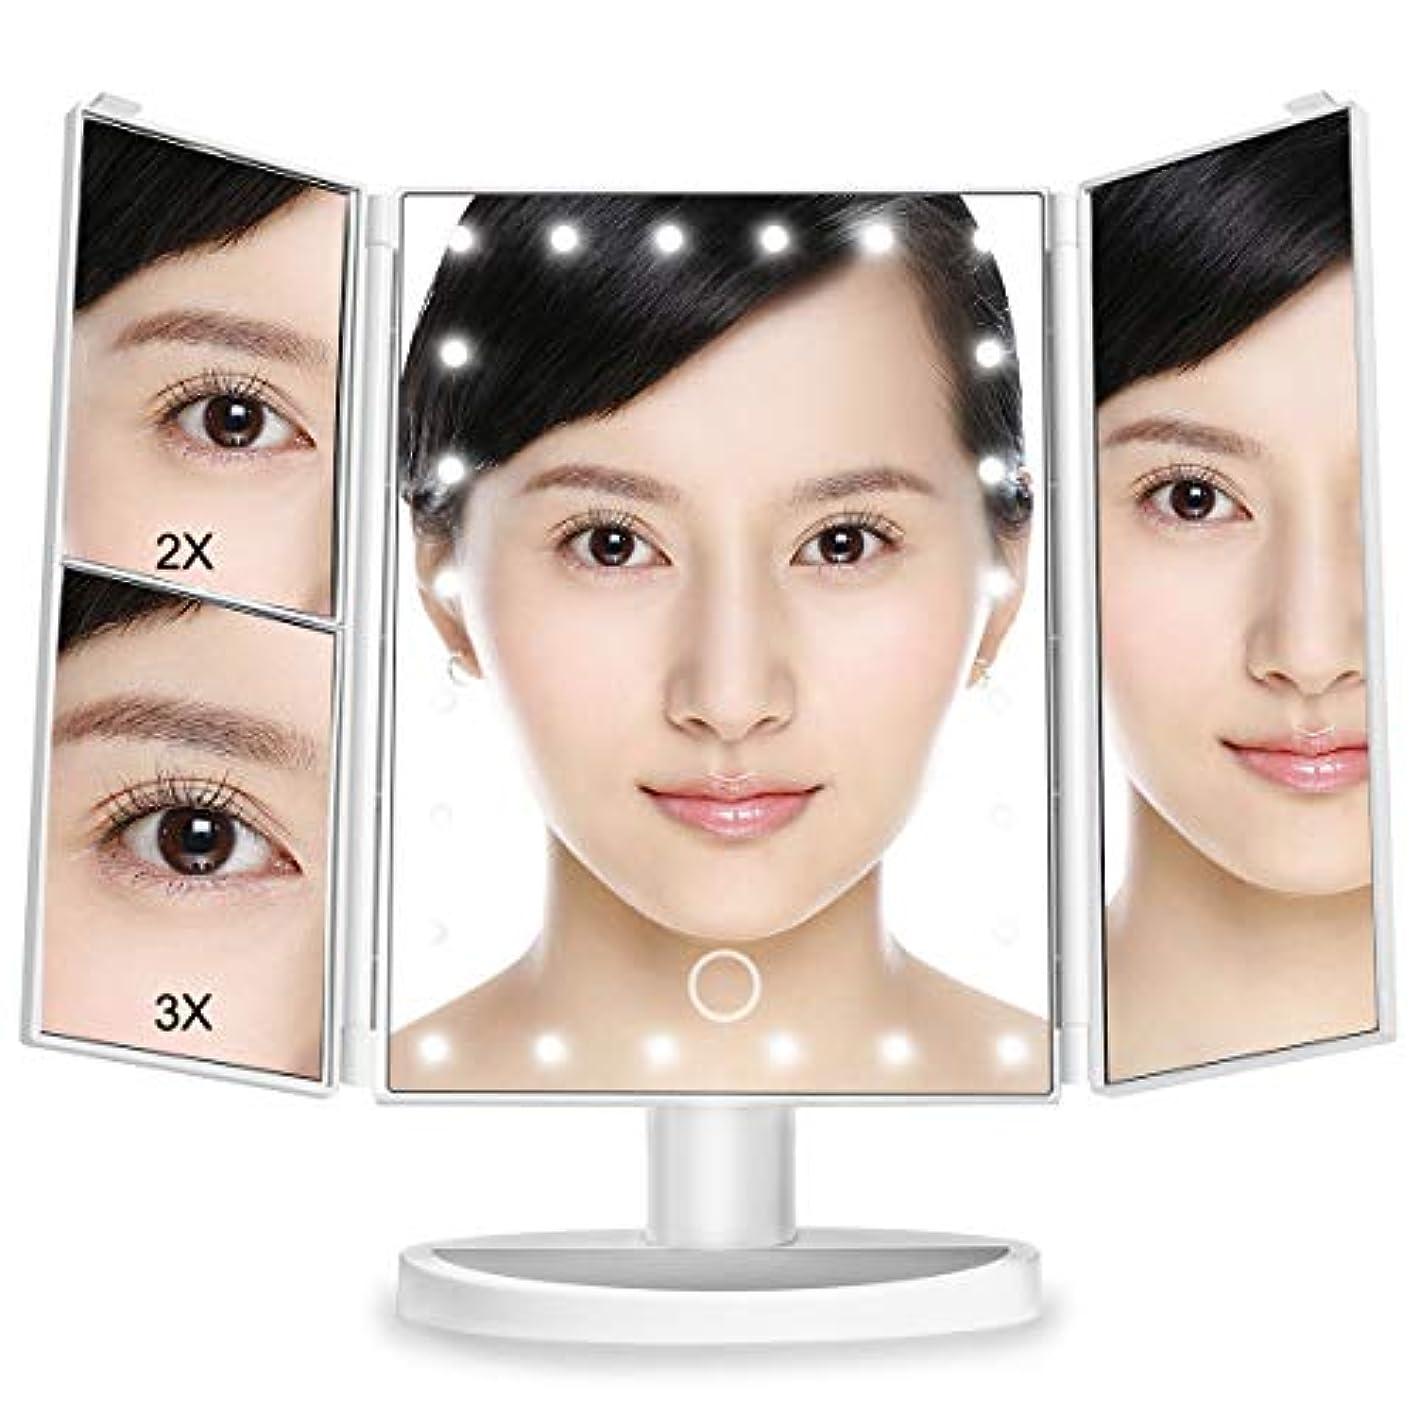 遵守するバクテリア樹皮女優ミラー 三面鏡 鏡 led 卓上鏡 化粧鏡 化粧ミラー 鏡 折りたたみ式 ledライト付き 明るさ調整可能 2&3倍拡大鏡付 180 °回転 電池&USB 2WAY給電